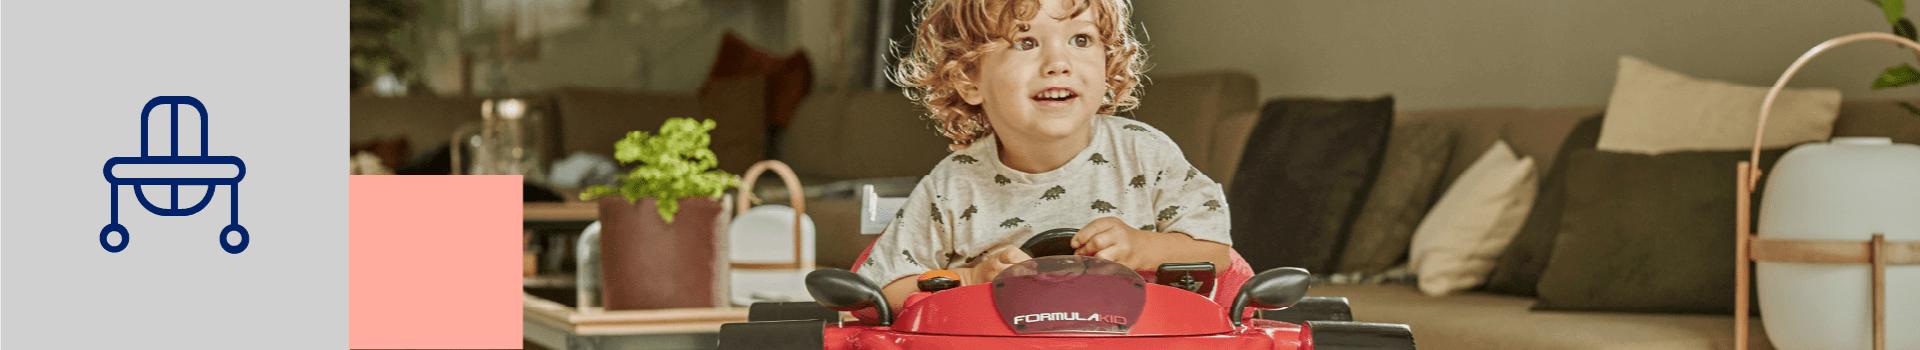 Trotteurs Jané et accessoires premiers pas du bébé | Janéworld